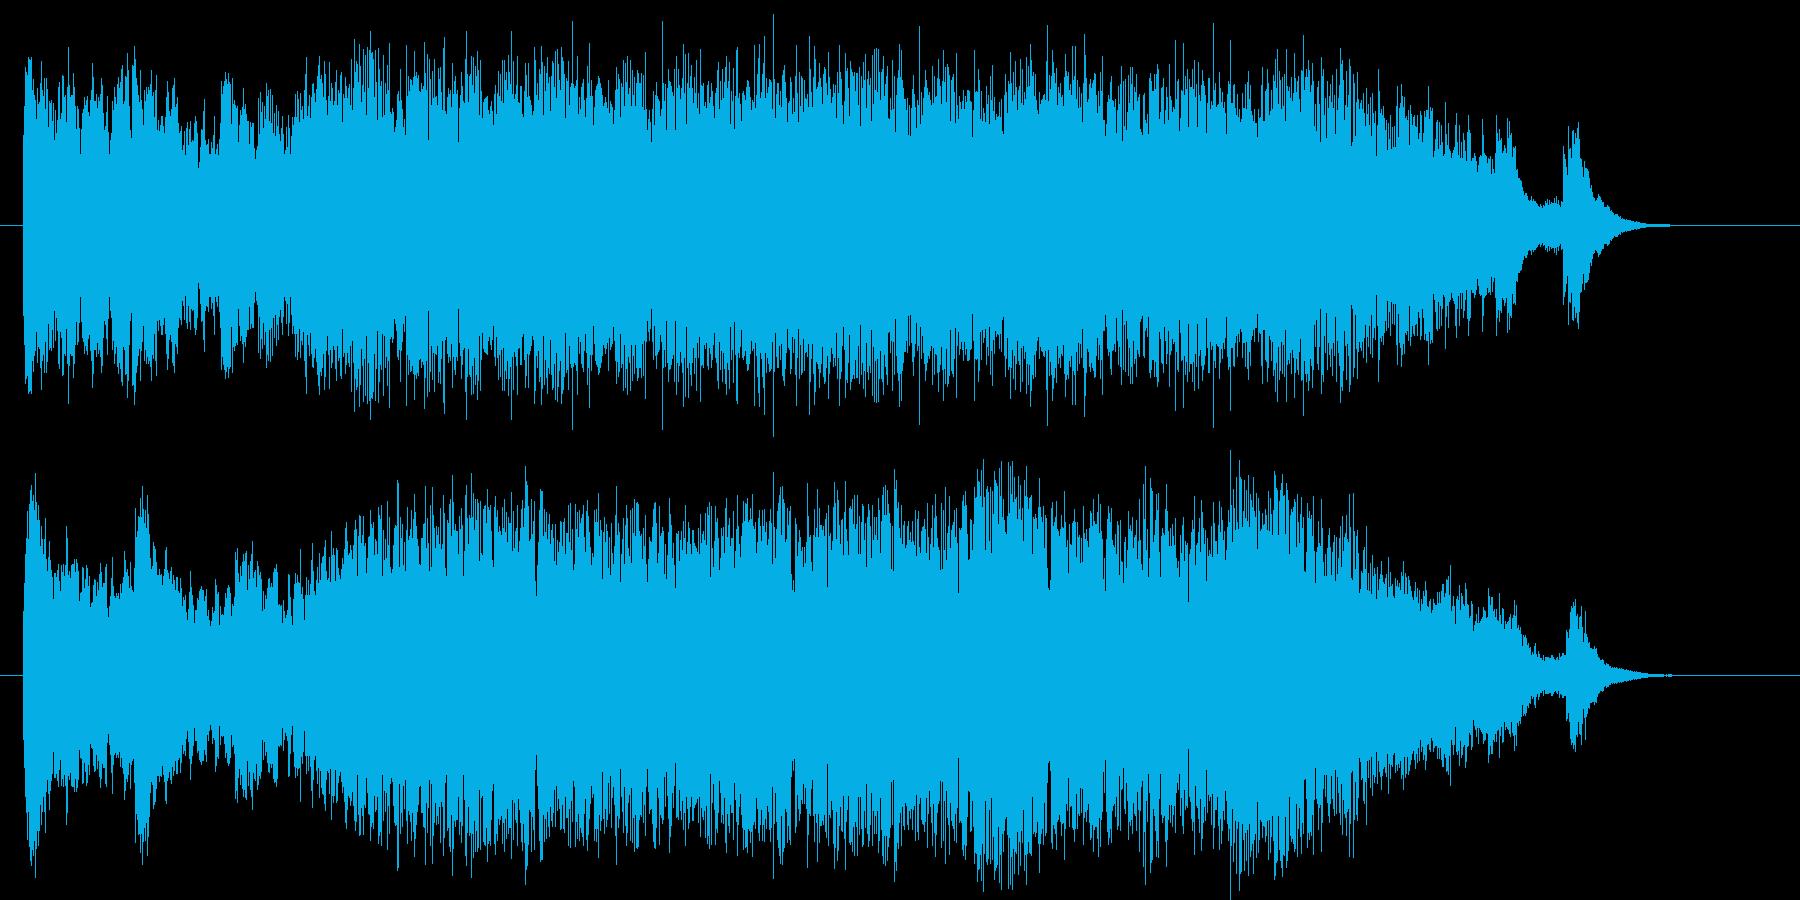 和風でメロディアスなシンセジングルの再生済みの波形